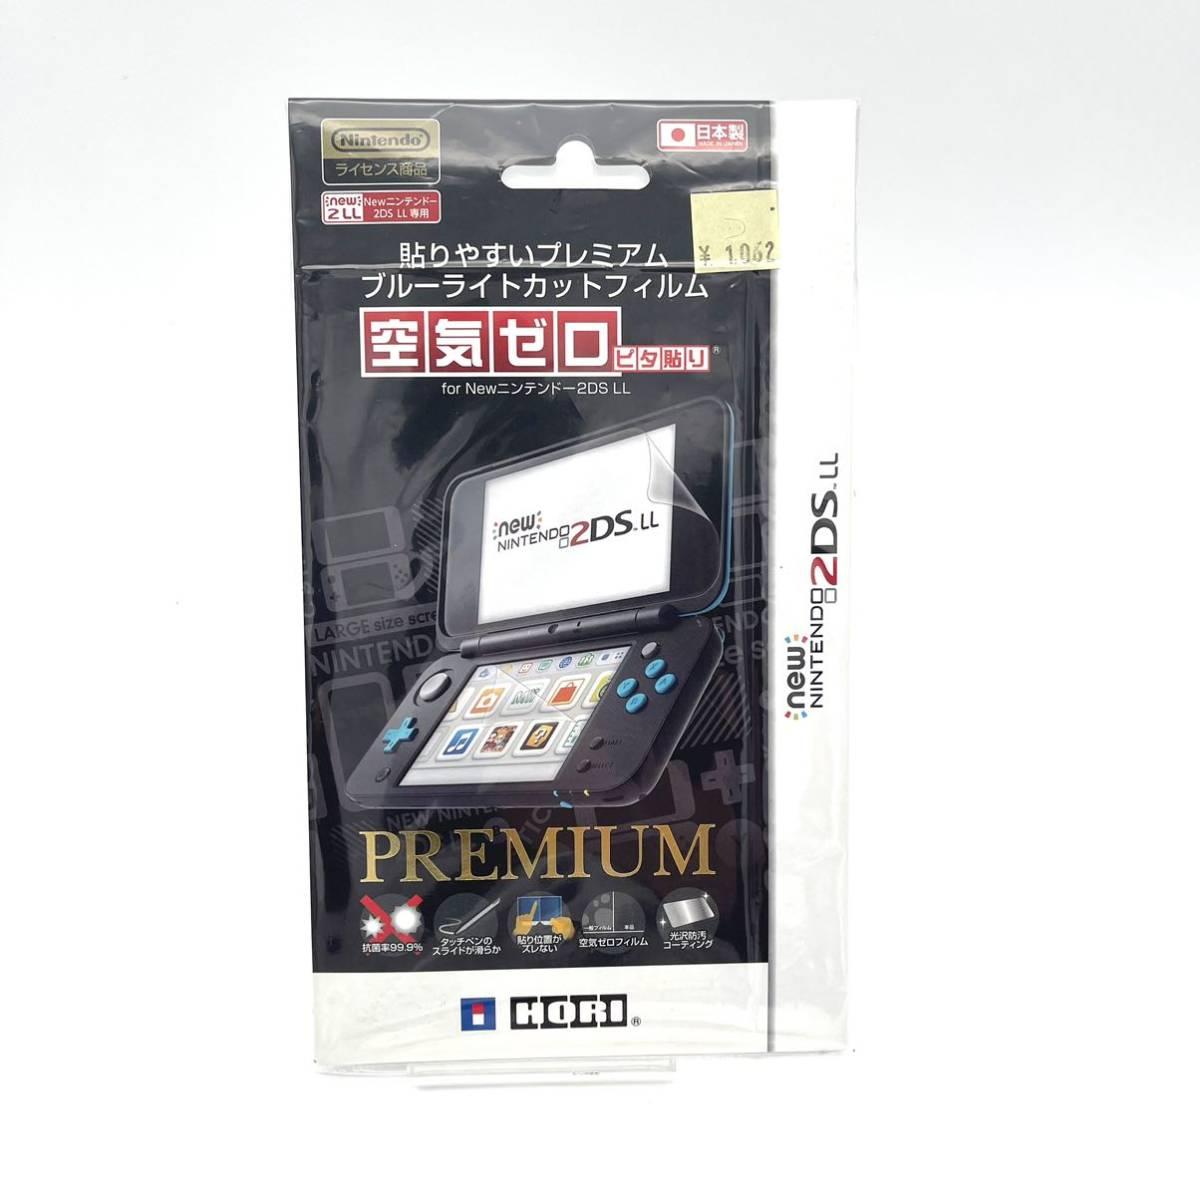 ★中古品★ 即納 Newニンテンドー2DS LL ホワイト×ラベンダー JAN-S-UAAA 任天堂2DS New Nintendo 2DSLL アクセサリー